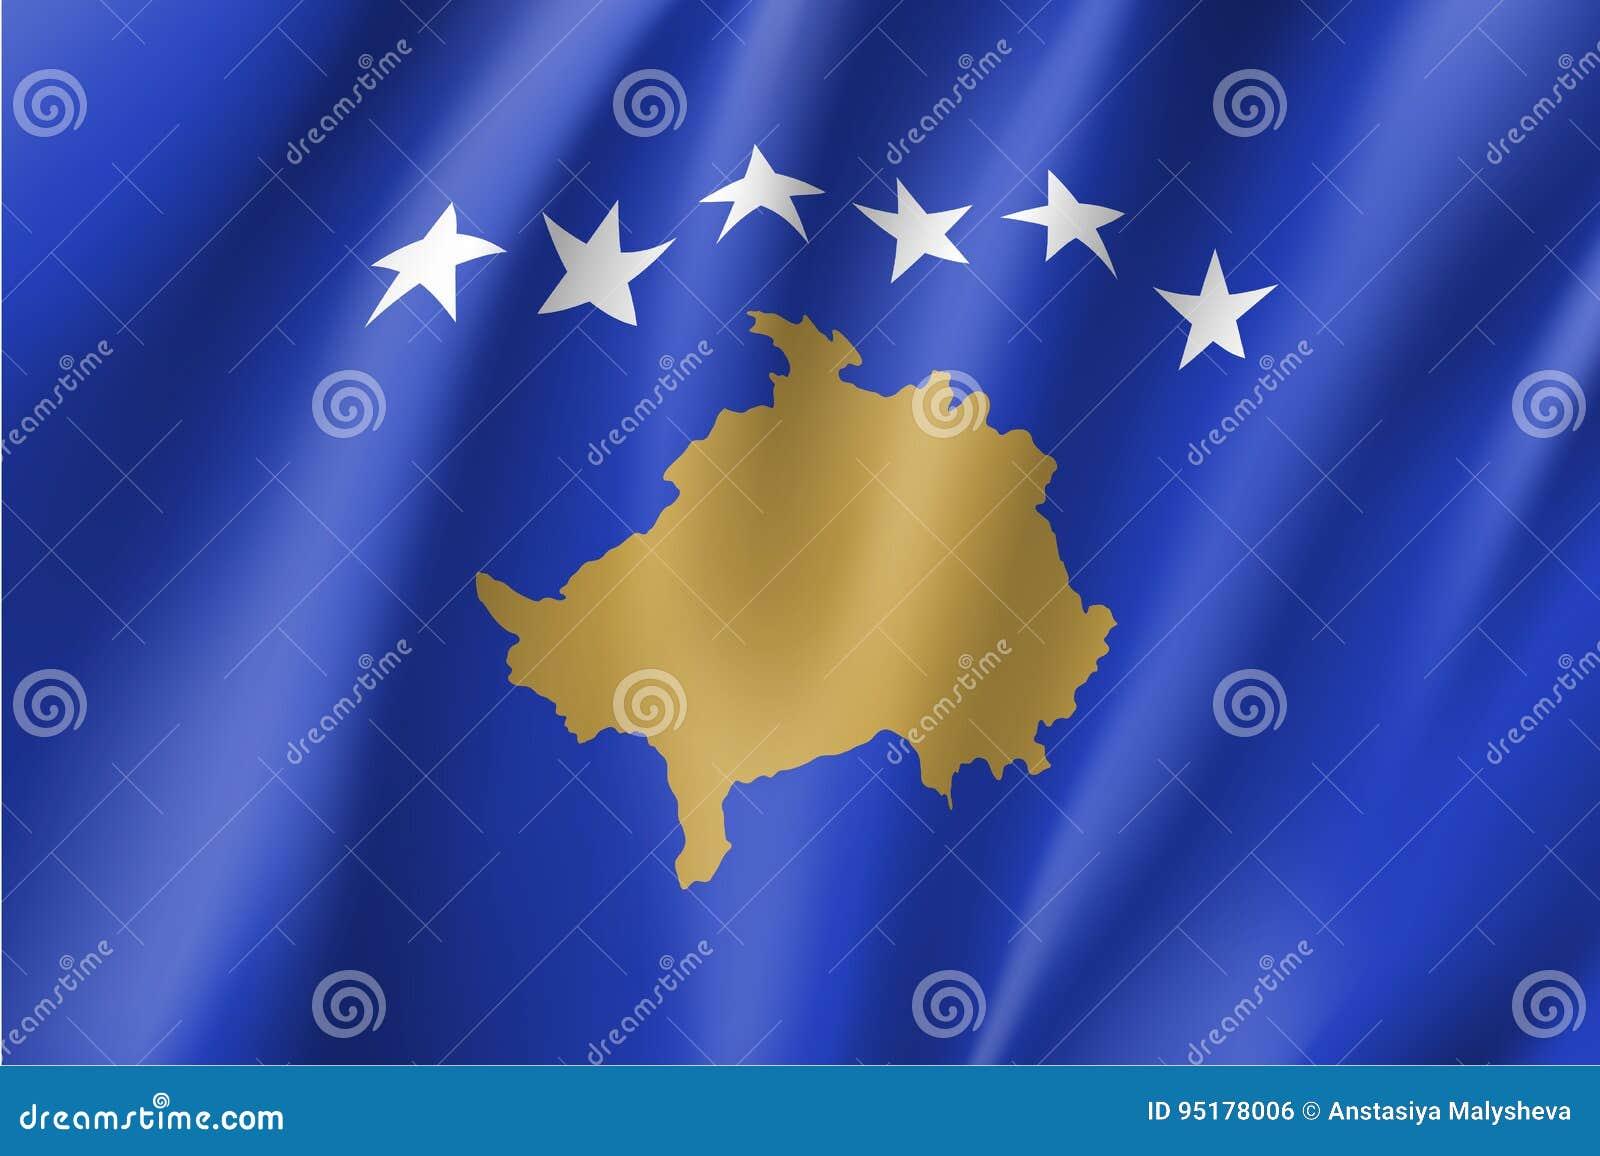 Illustration de vecteur de drapeau national de Kosovo